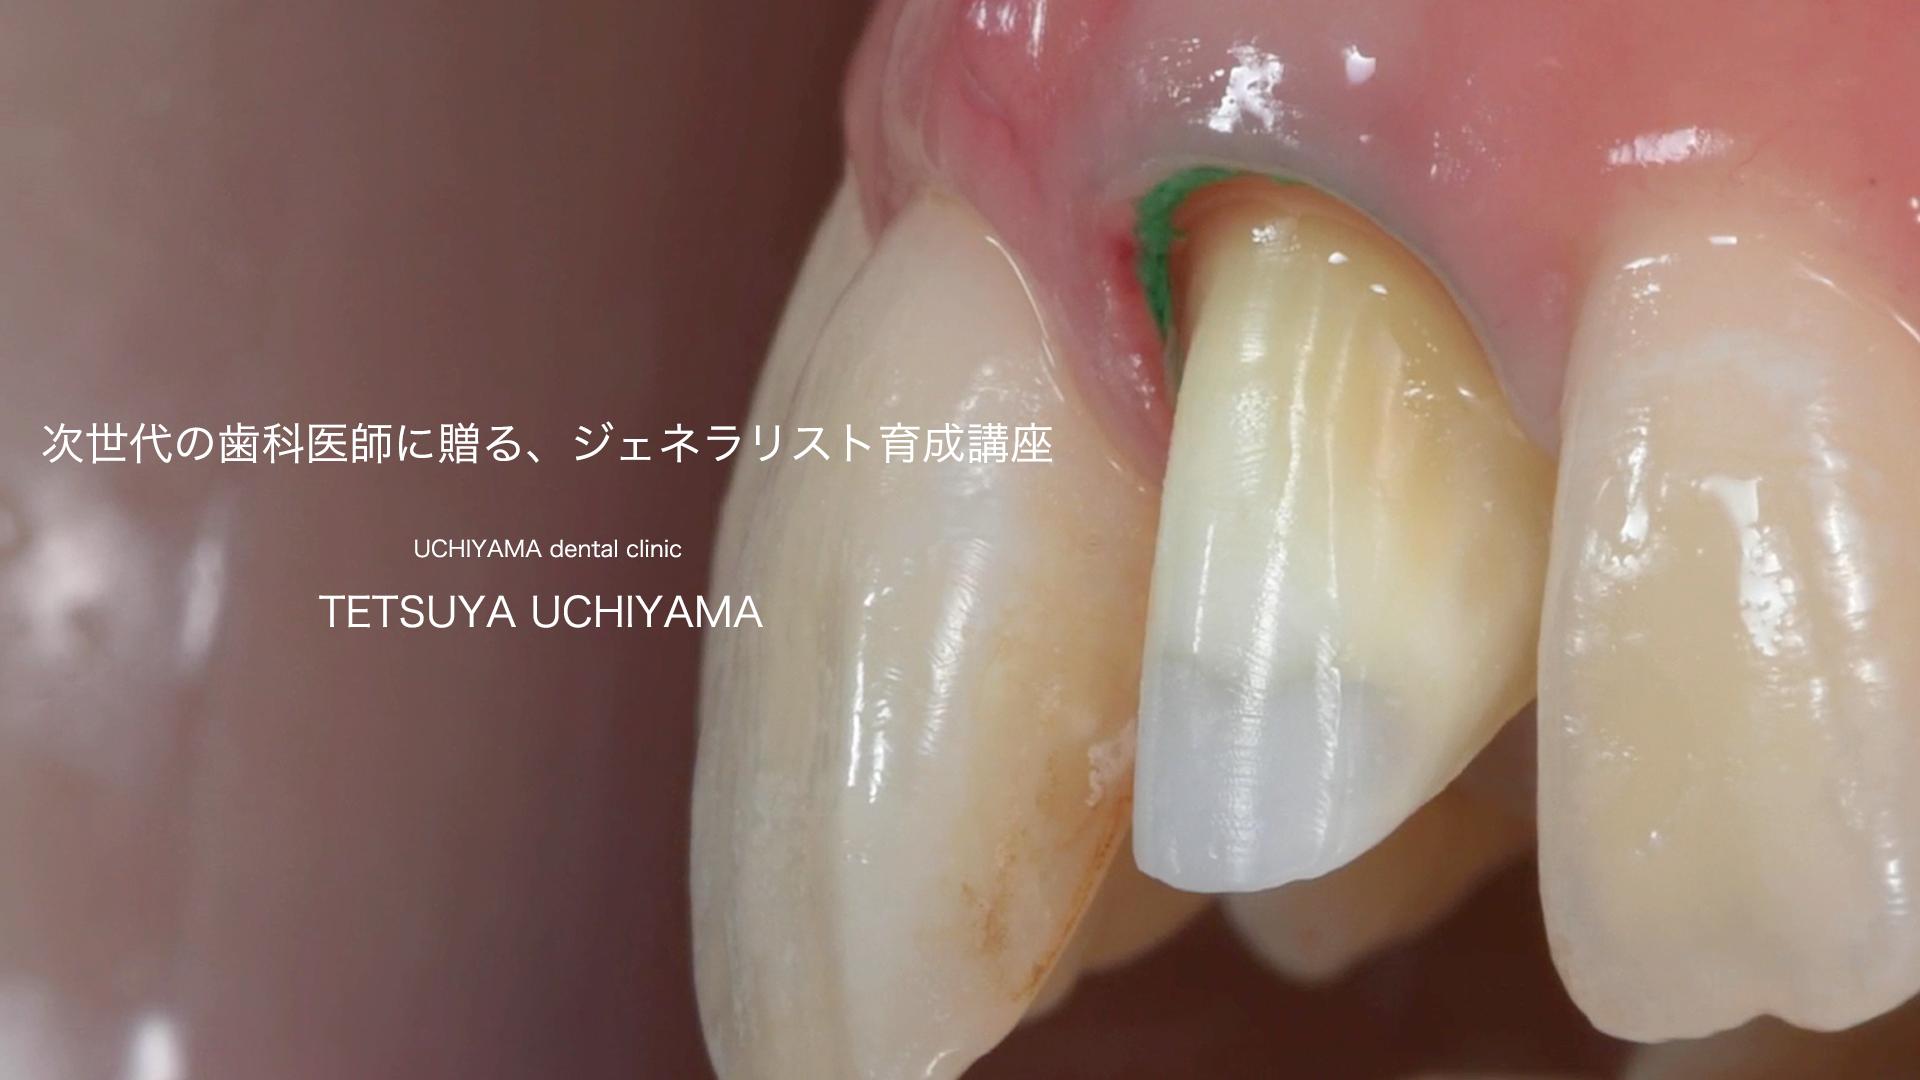 【内山徹哉先生】次世代の歯科医師に贈る、ジェネラリスト育成講座